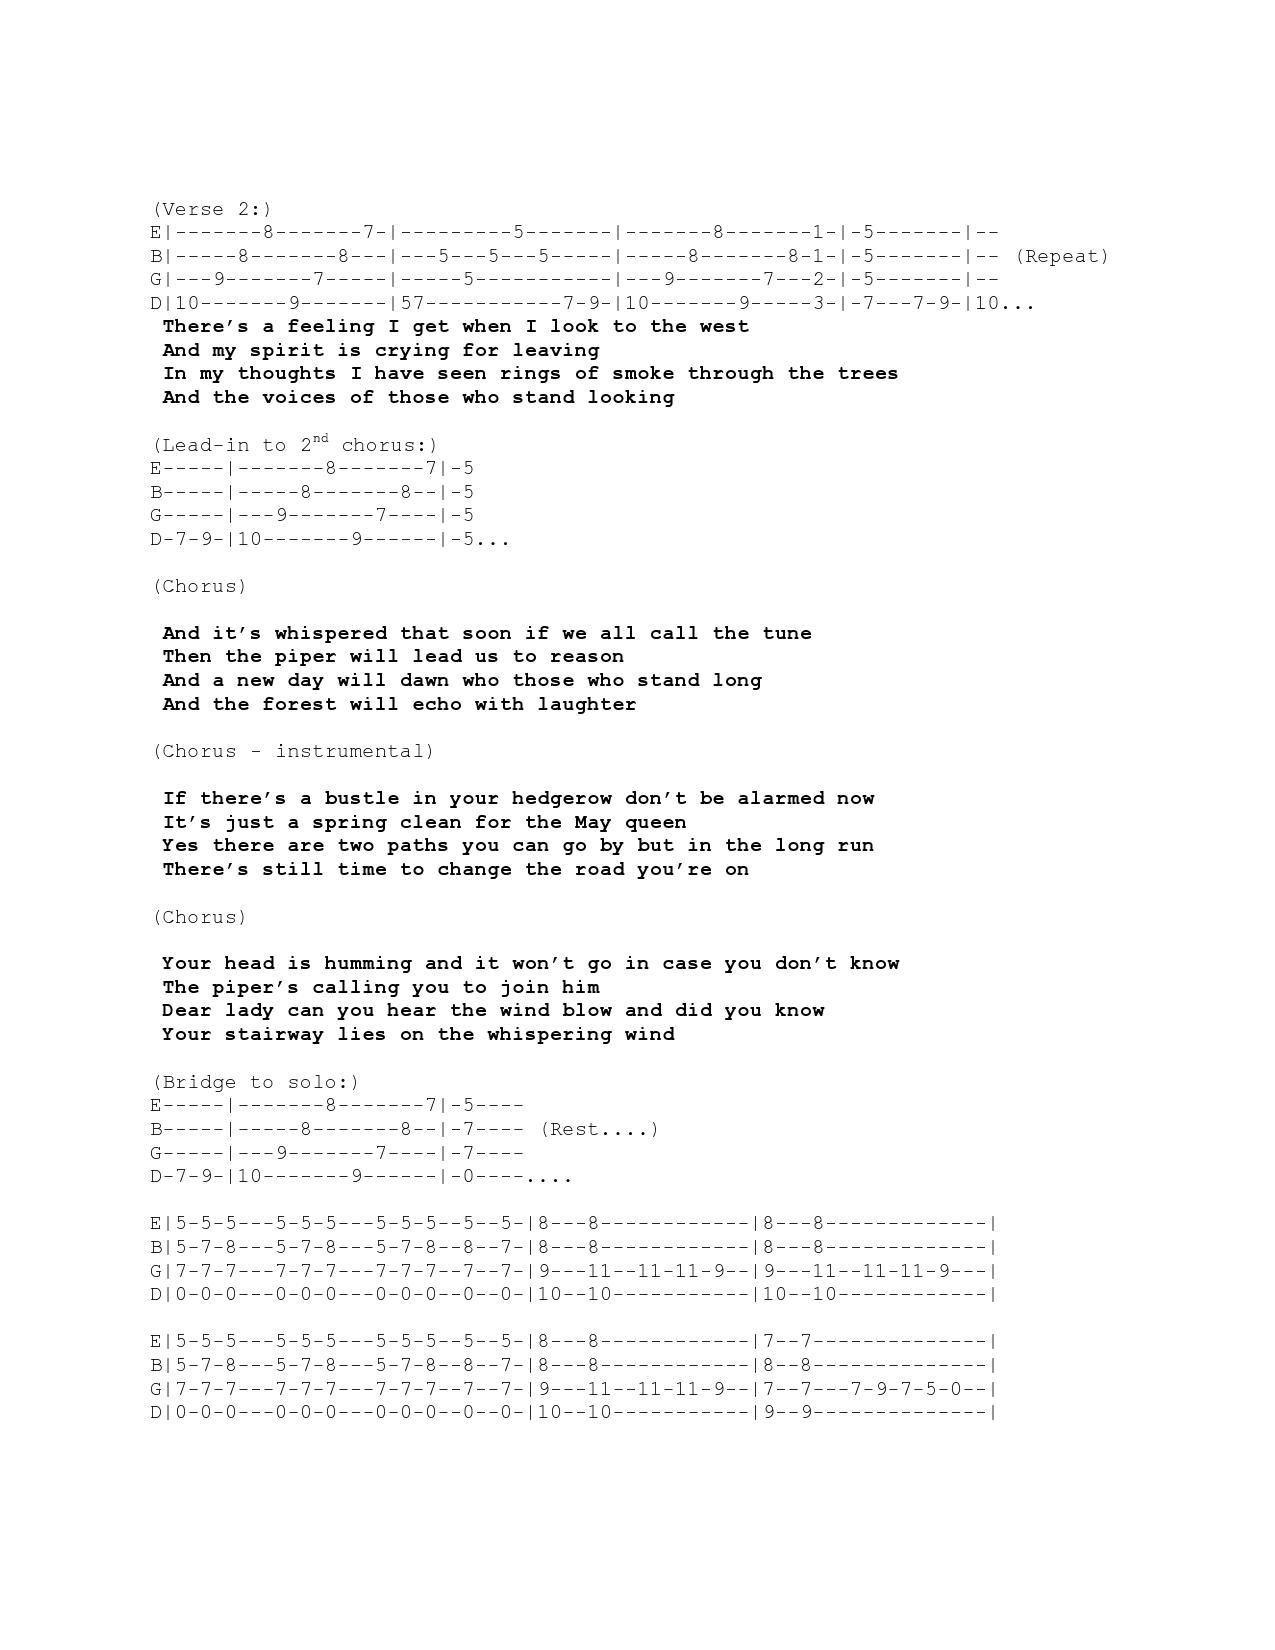 Tabs stairway to honolulu stairway to heaven baritone ukulele tab hexwebz Images